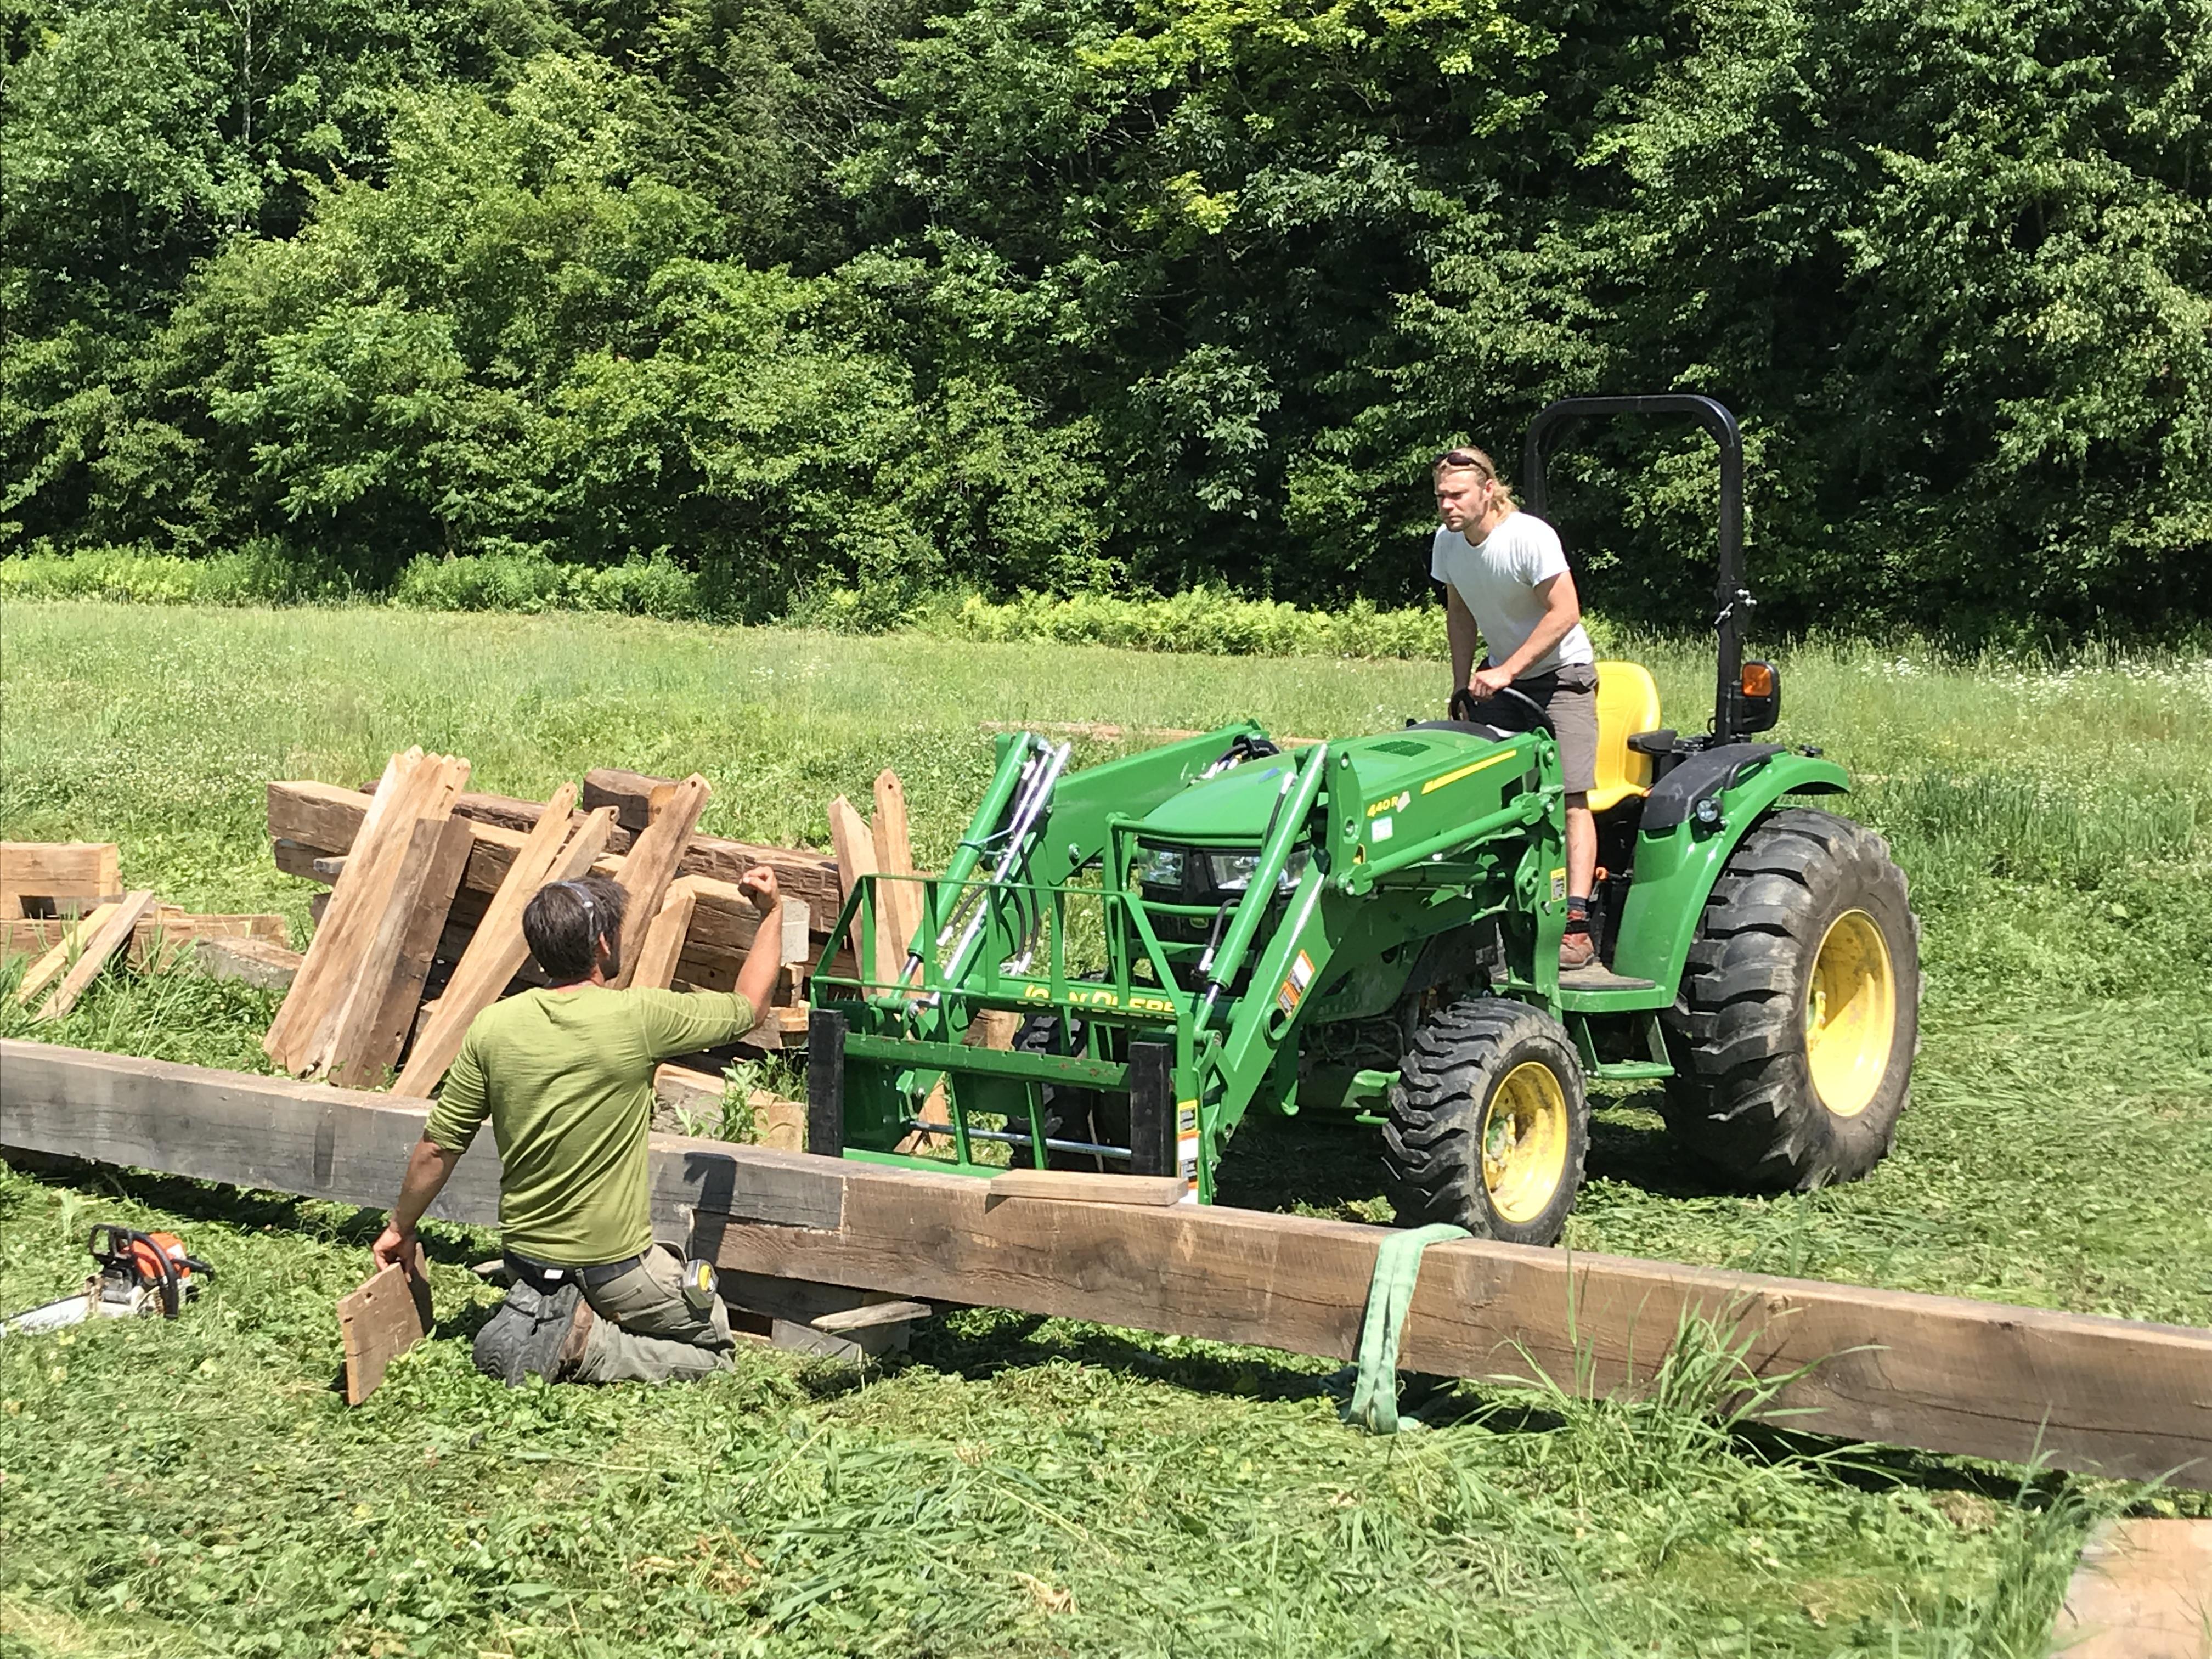 preparing 1790s timber frame for barn raising in Vermont